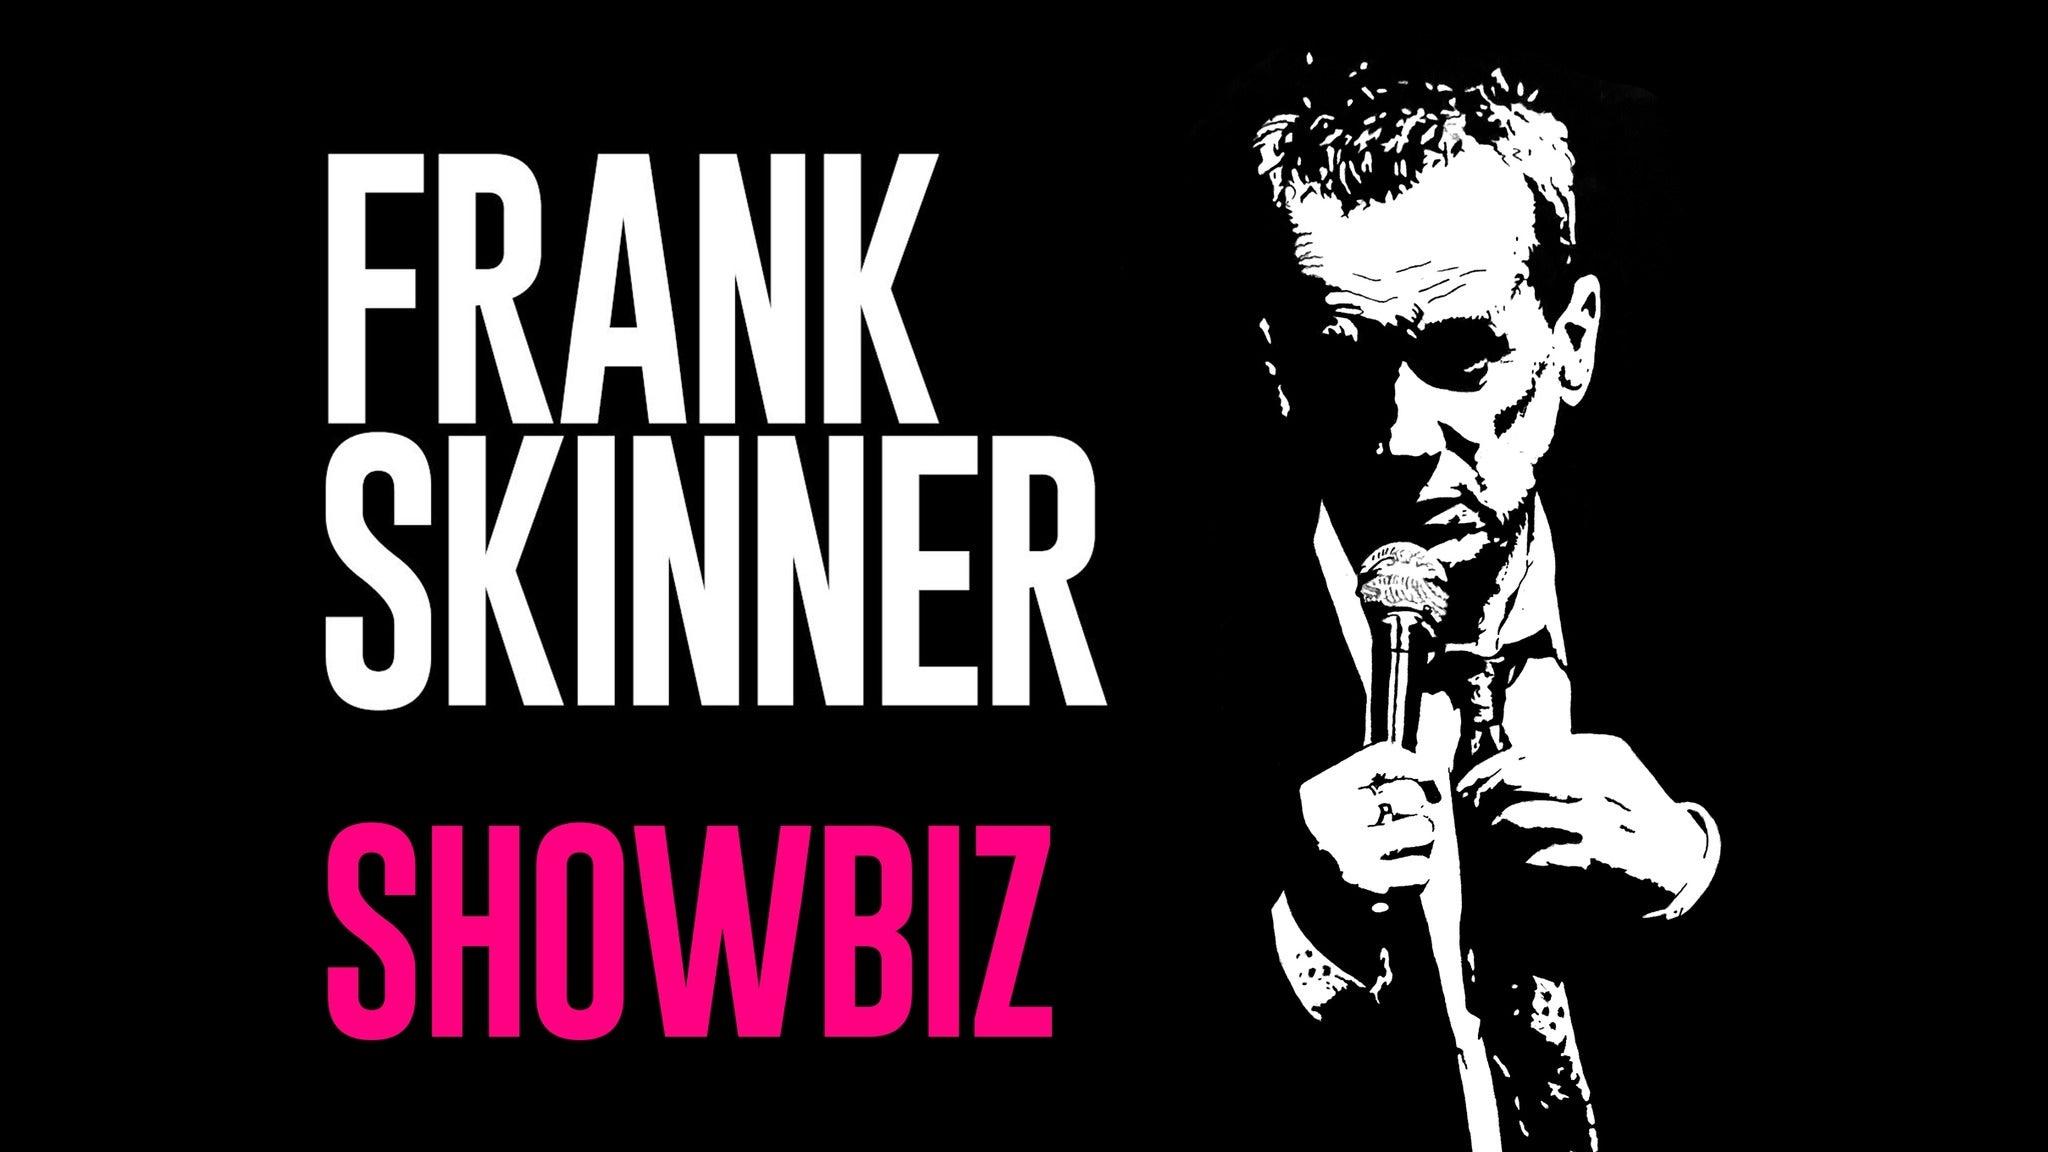 Frank Skinner- Showbiz Event Title Pic